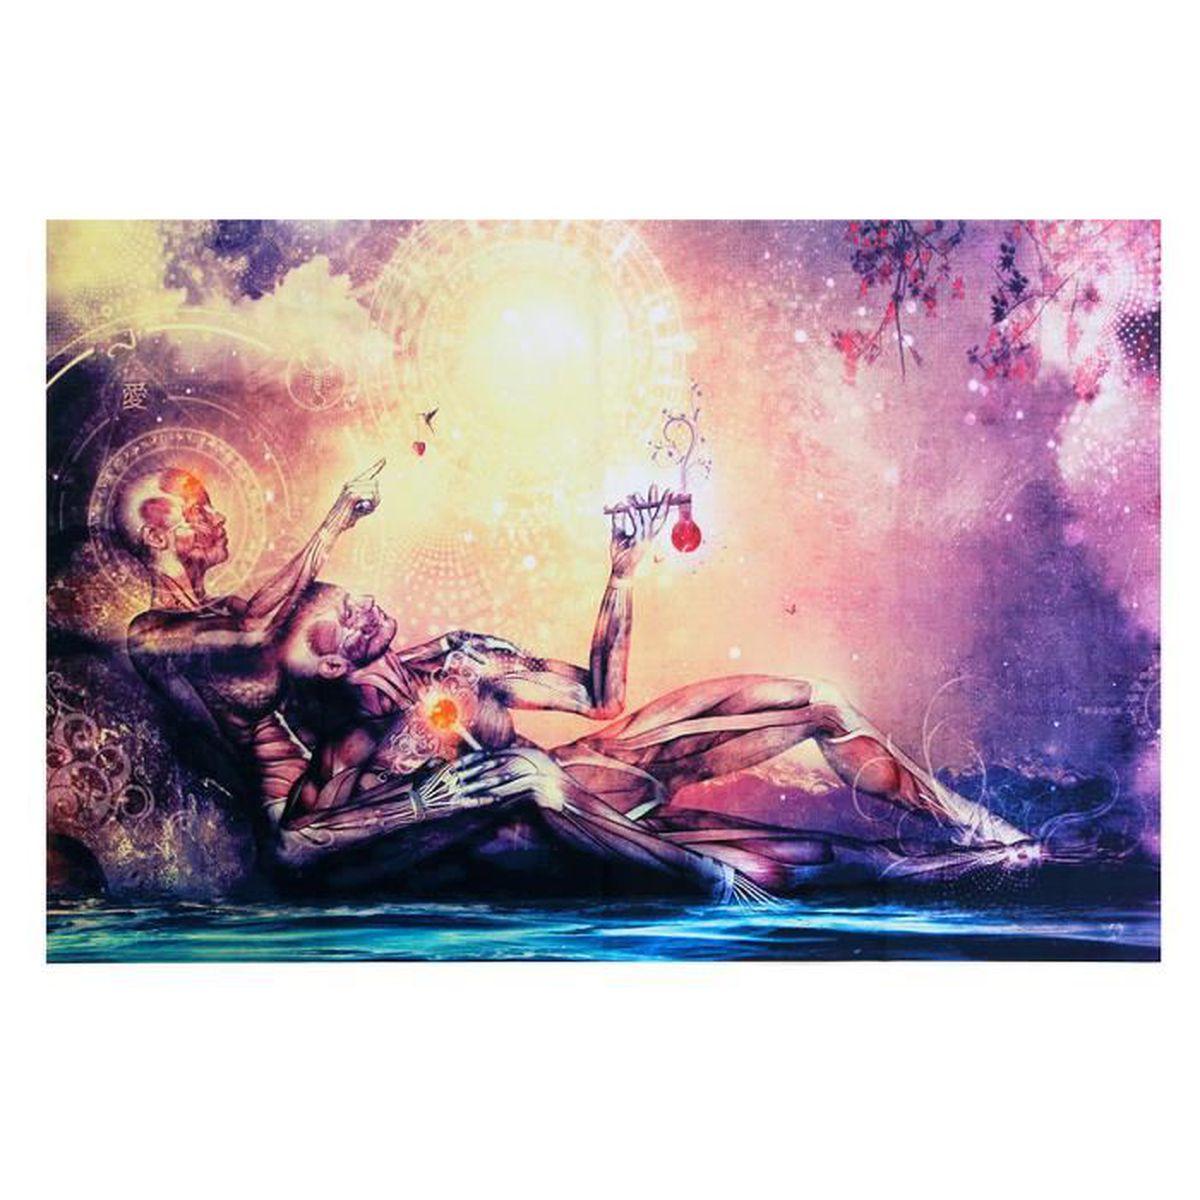 Décoration D Intérieur Peinture Murale 90x60cm tableau peinture abstrait huile sur toile moderne